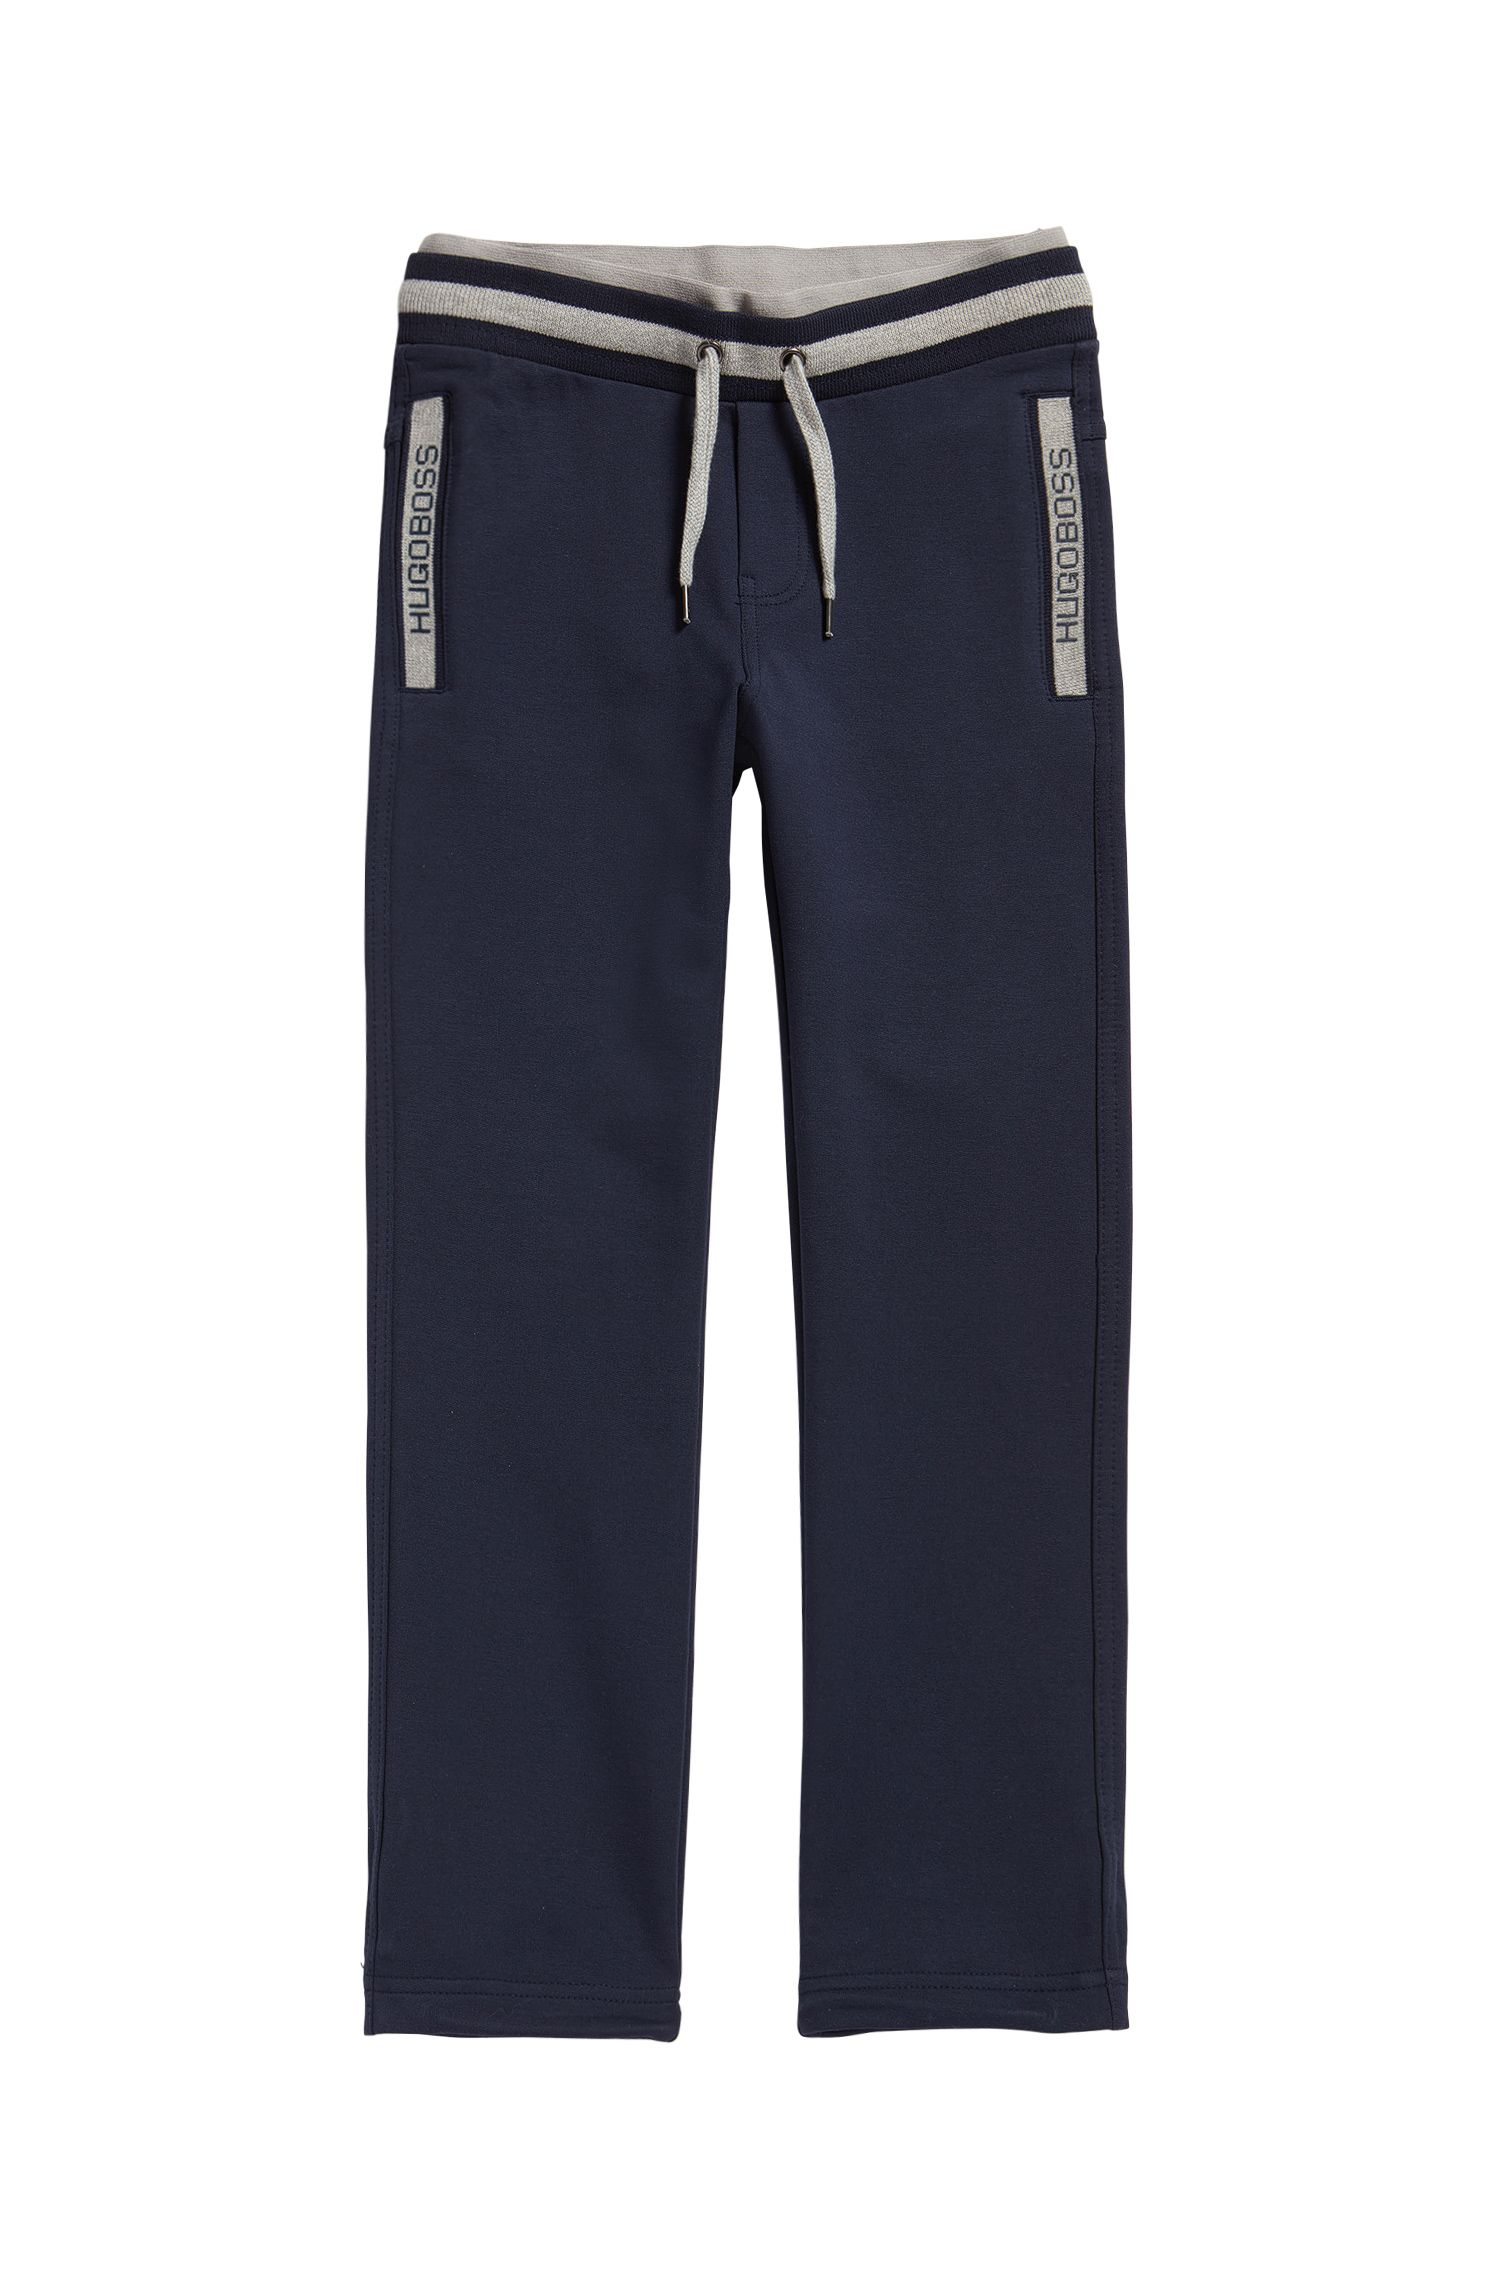 Bas de survêtement pour enfant en coton stretch, avec cordon de serrage, Bleu foncé